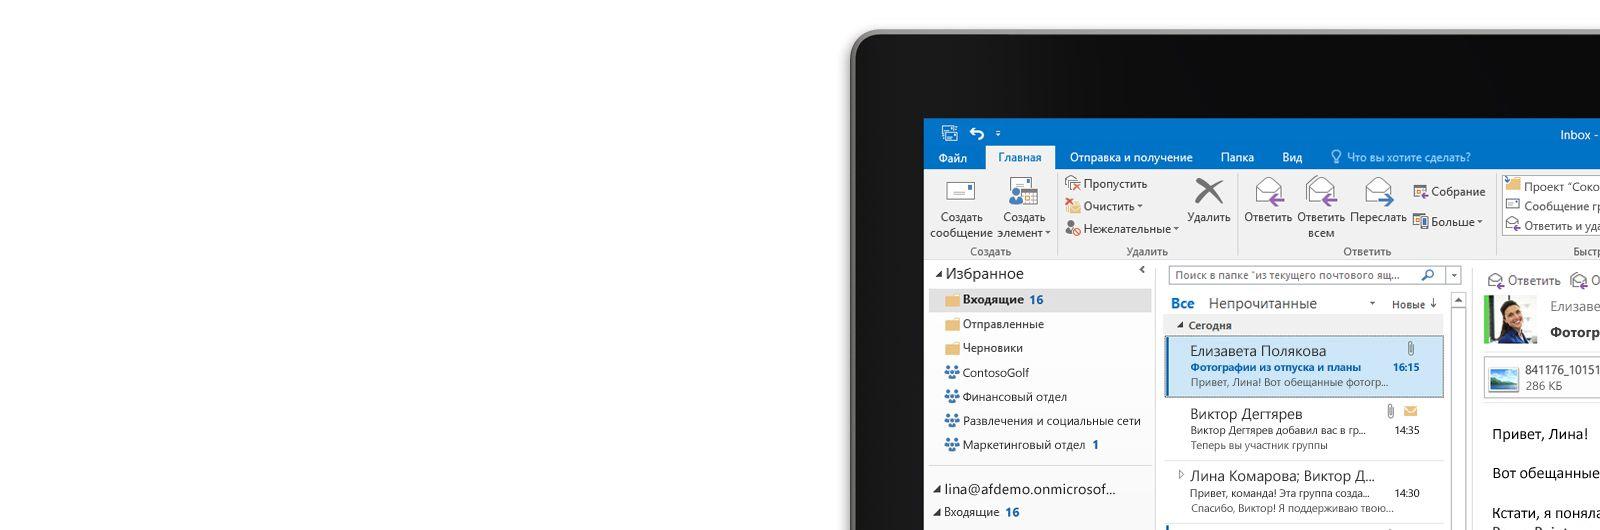 """Планшет, на котором открыта папка """"Входящие"""" в Microsoft Outlook2013 со списком сообщений с включенным предварительным просмотром."""